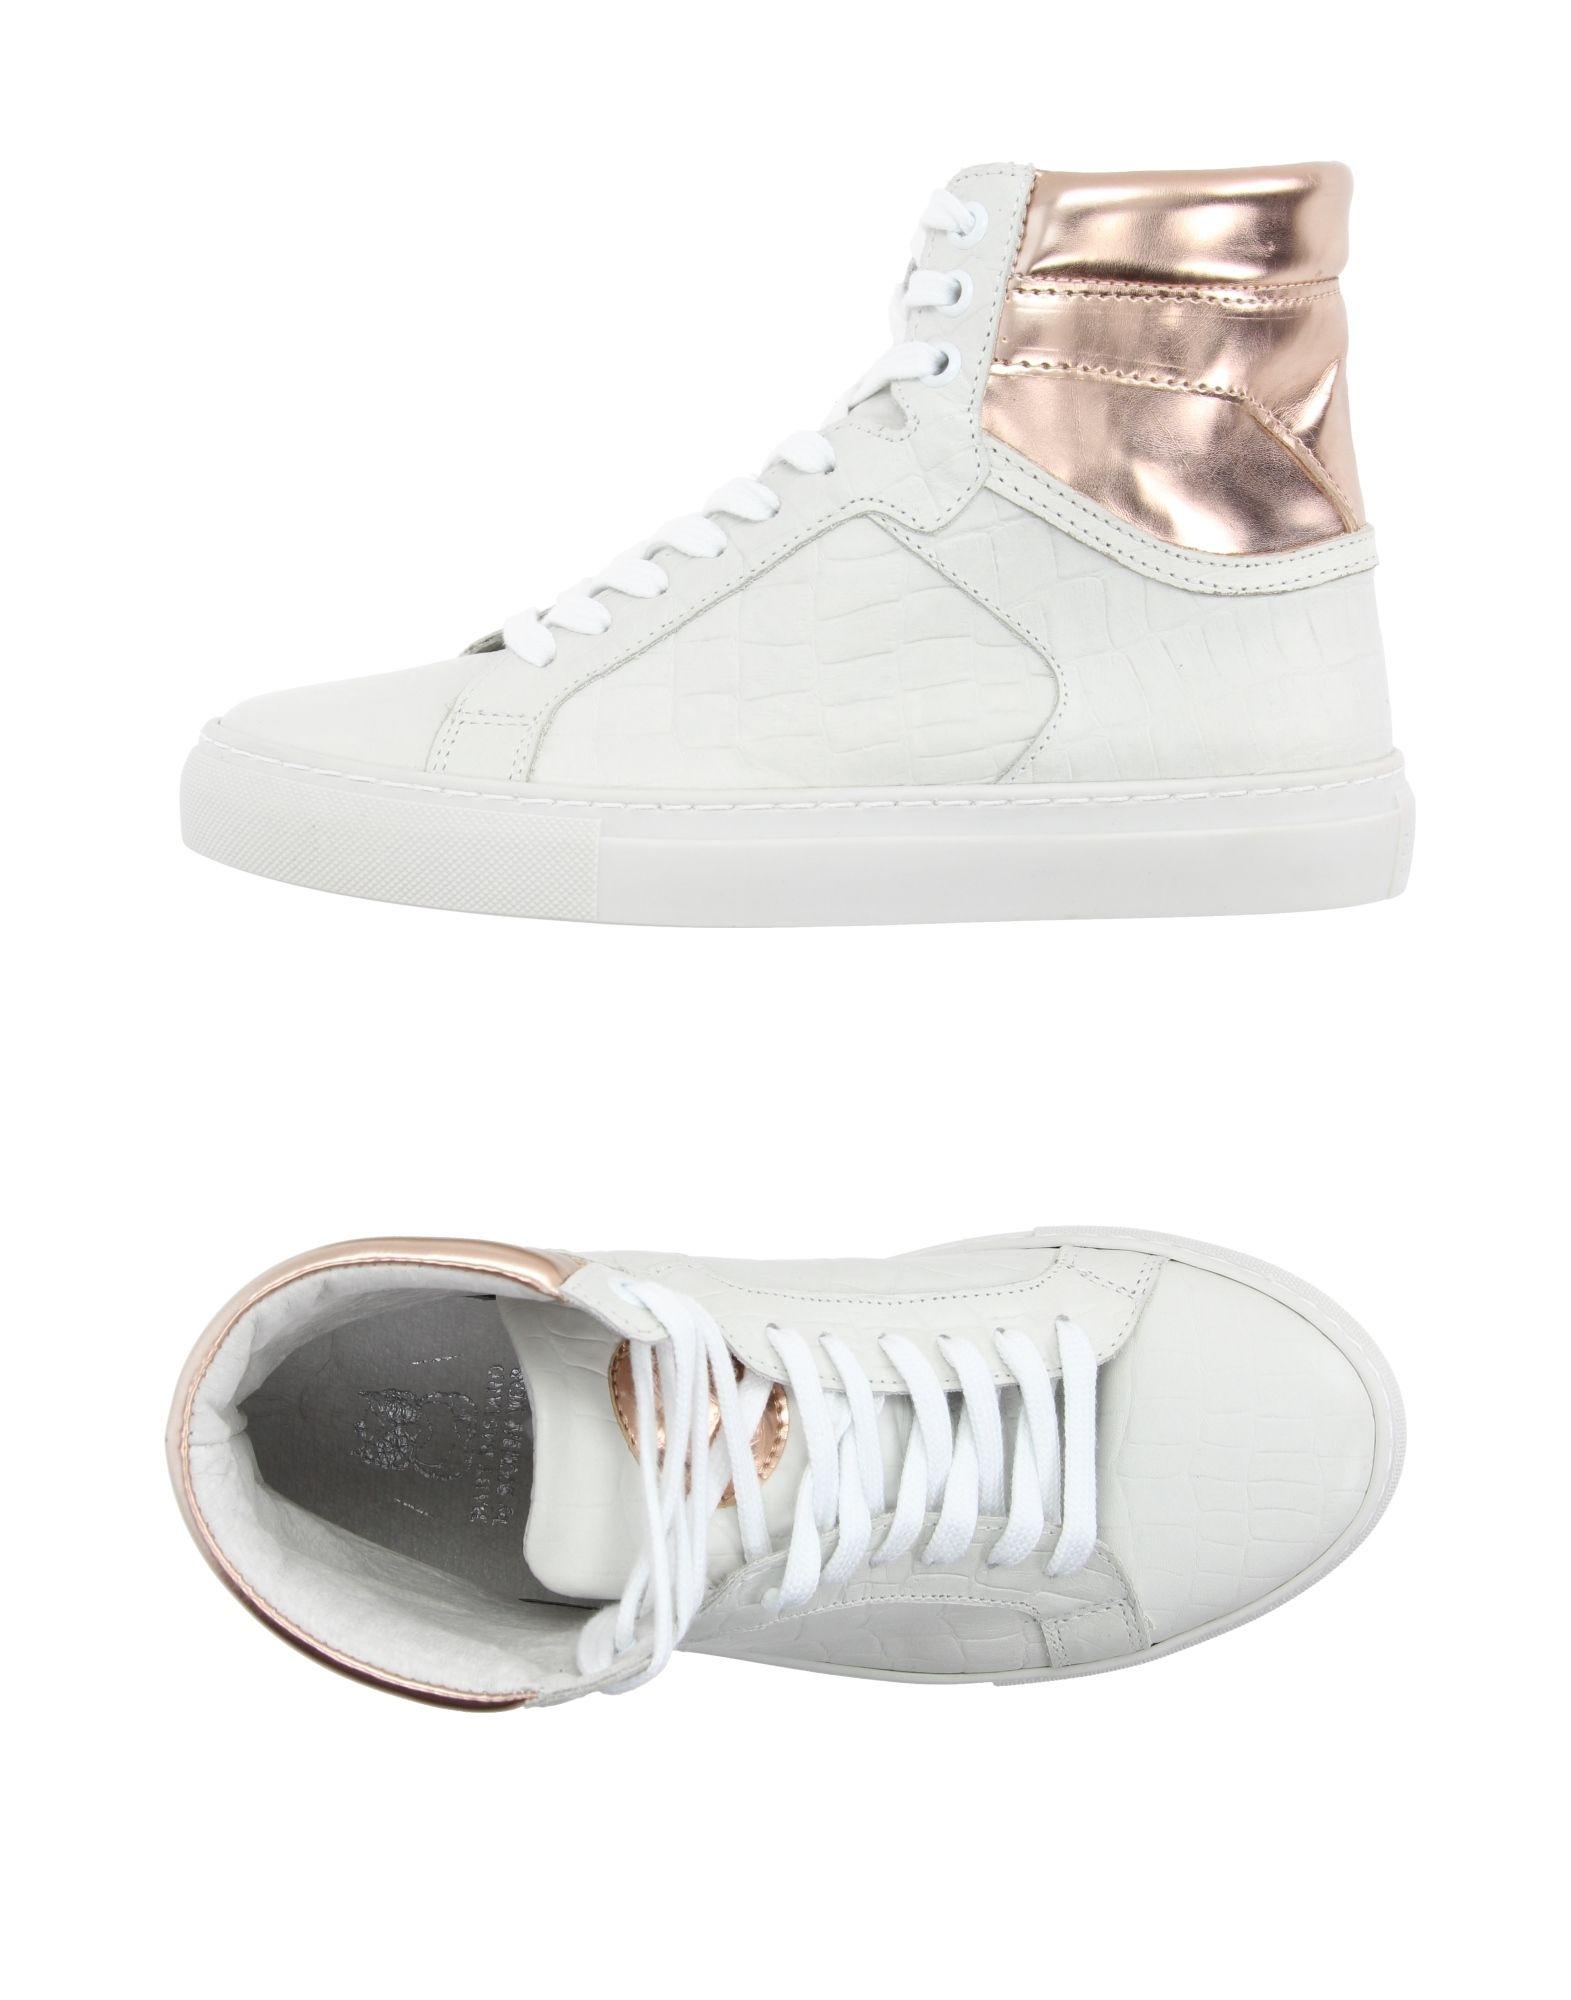 Boombap Sneakers Damen  11140869JF 11140869JF   921768